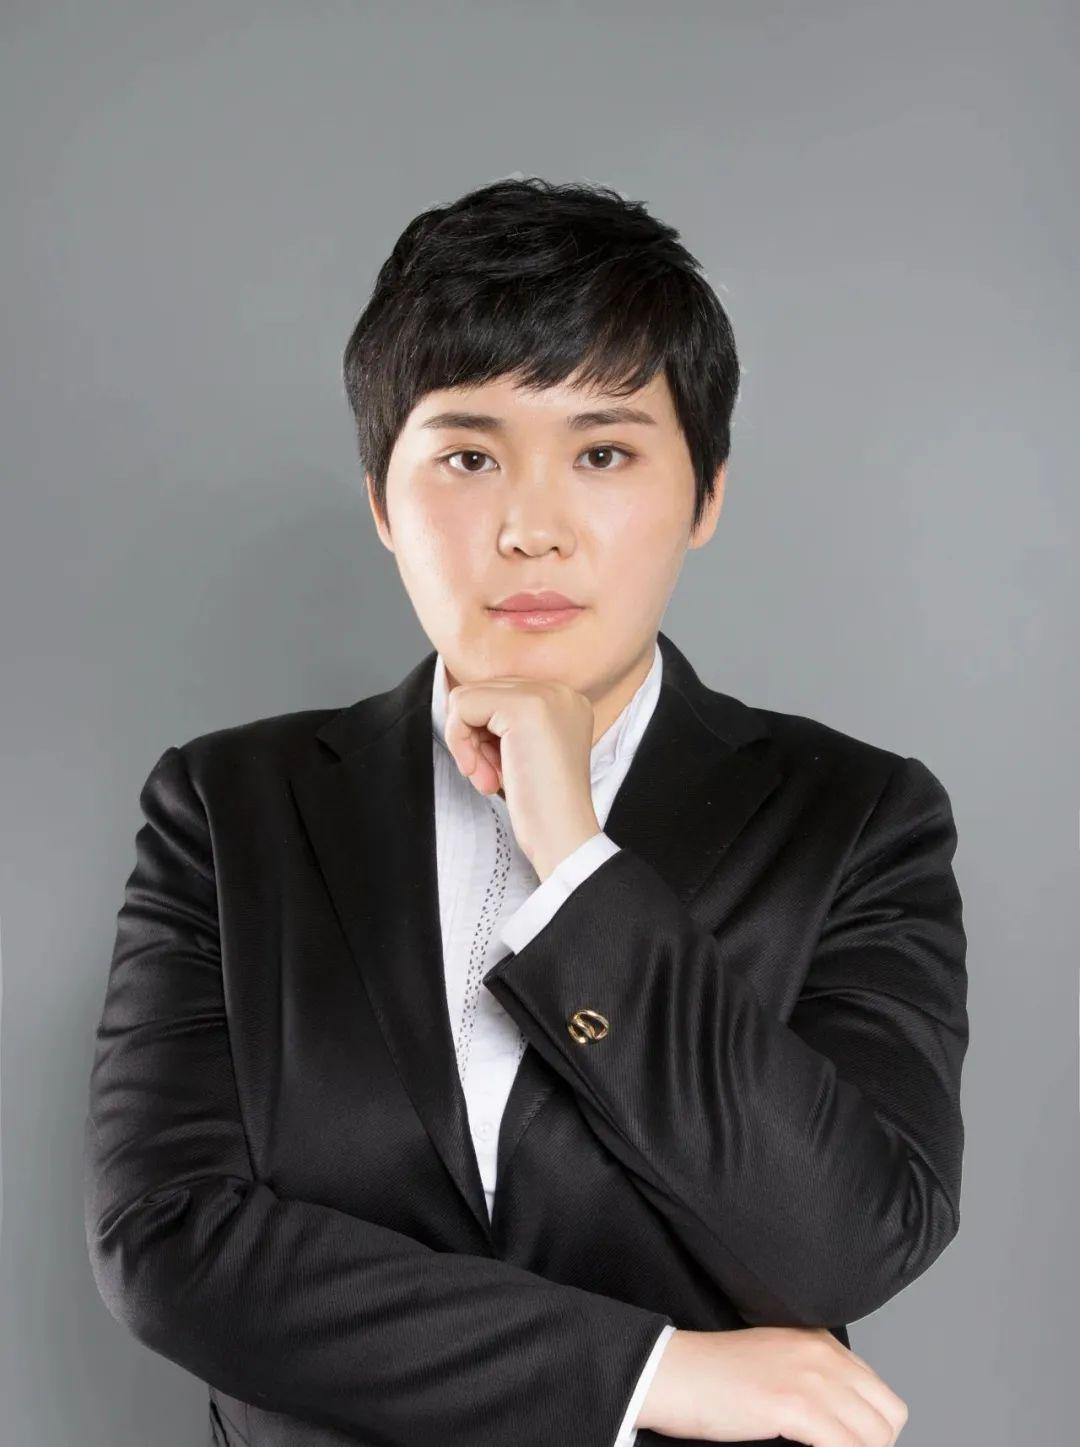 大咖面对面丨陈蔚丰:投资芯电图